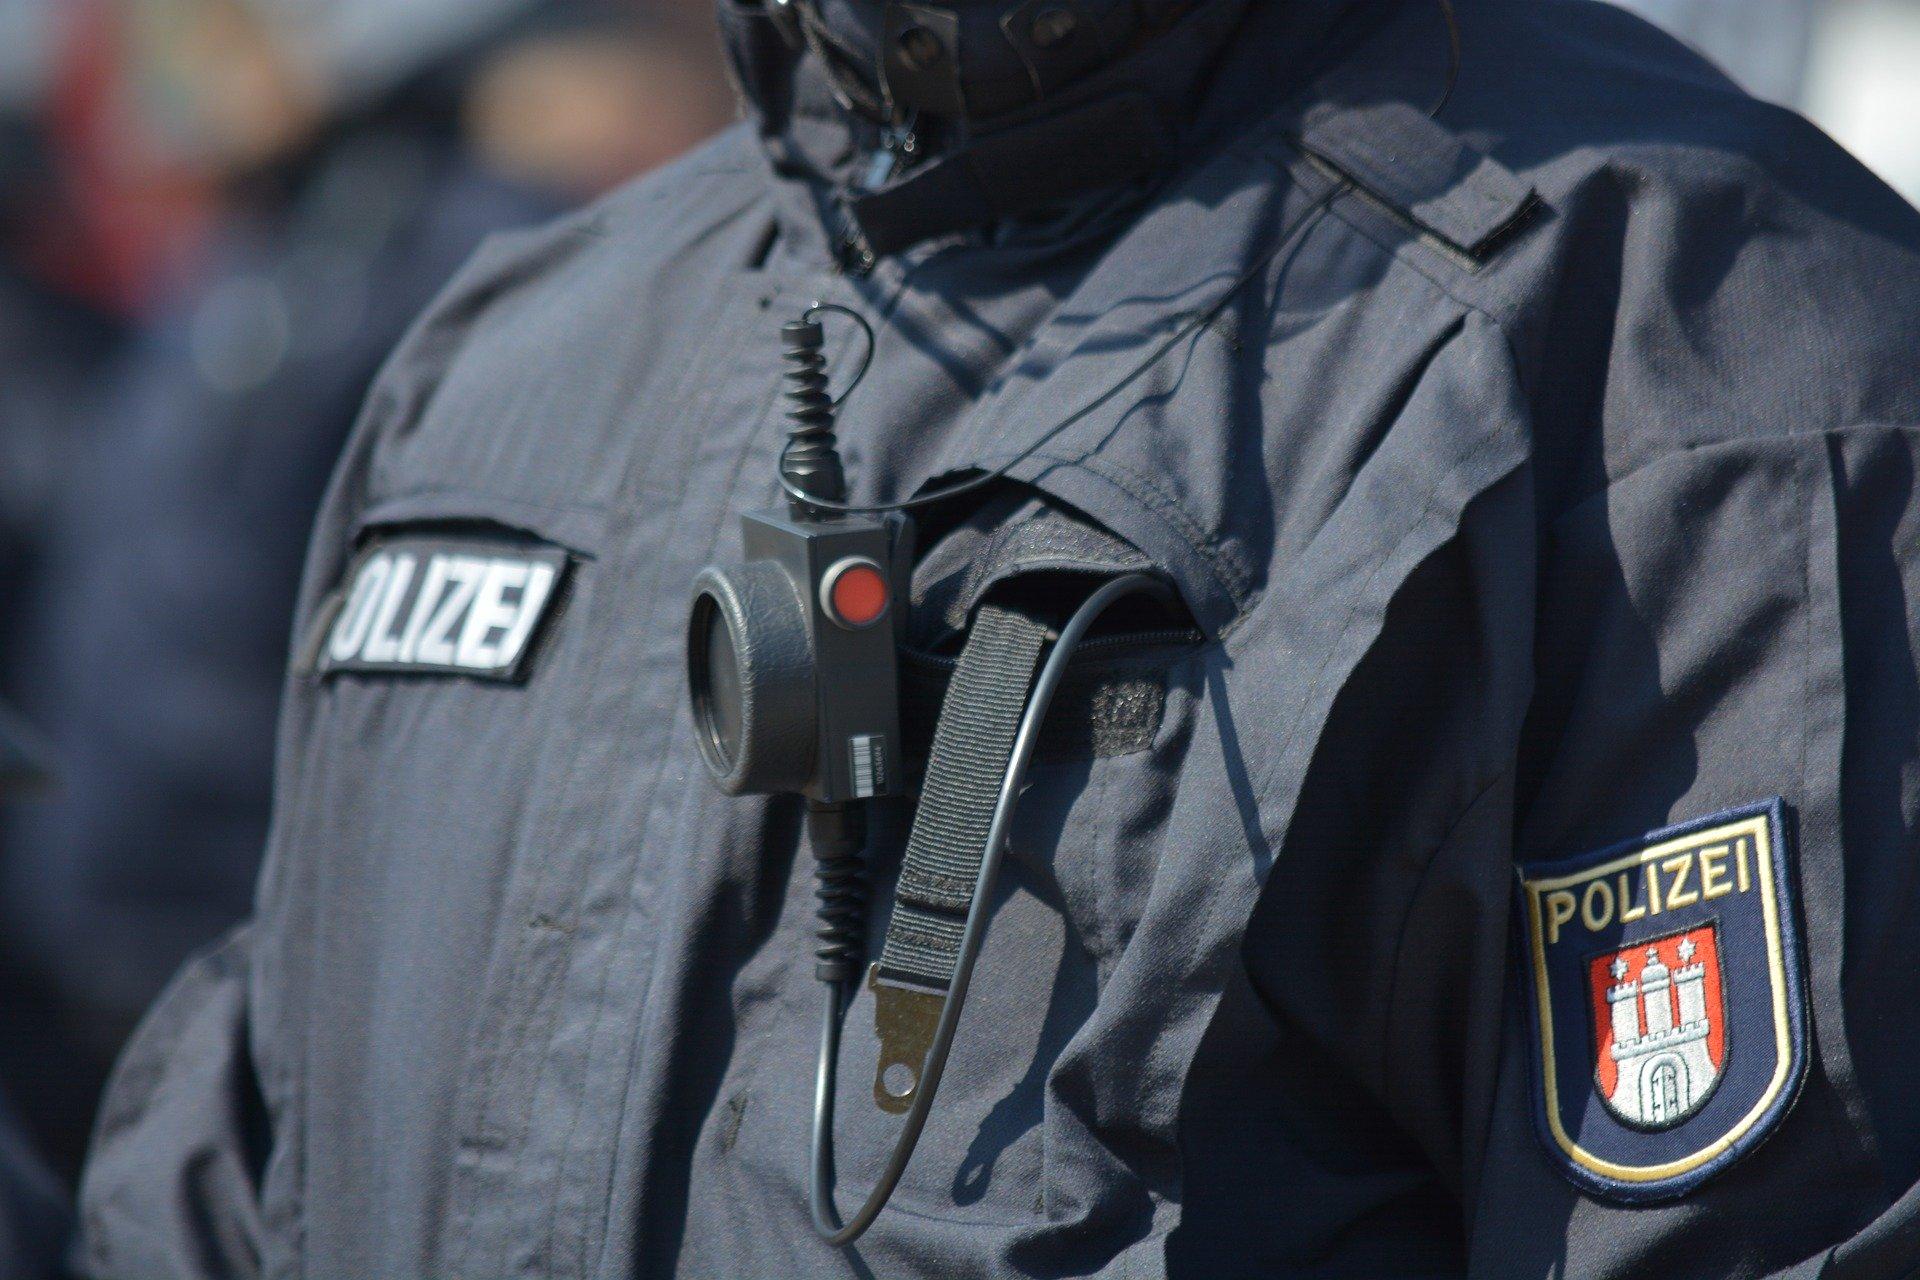 Akku leer – lief bei der Akku-Entwicklung für die Bodycam der Frankfurter Polizei etwas schief?